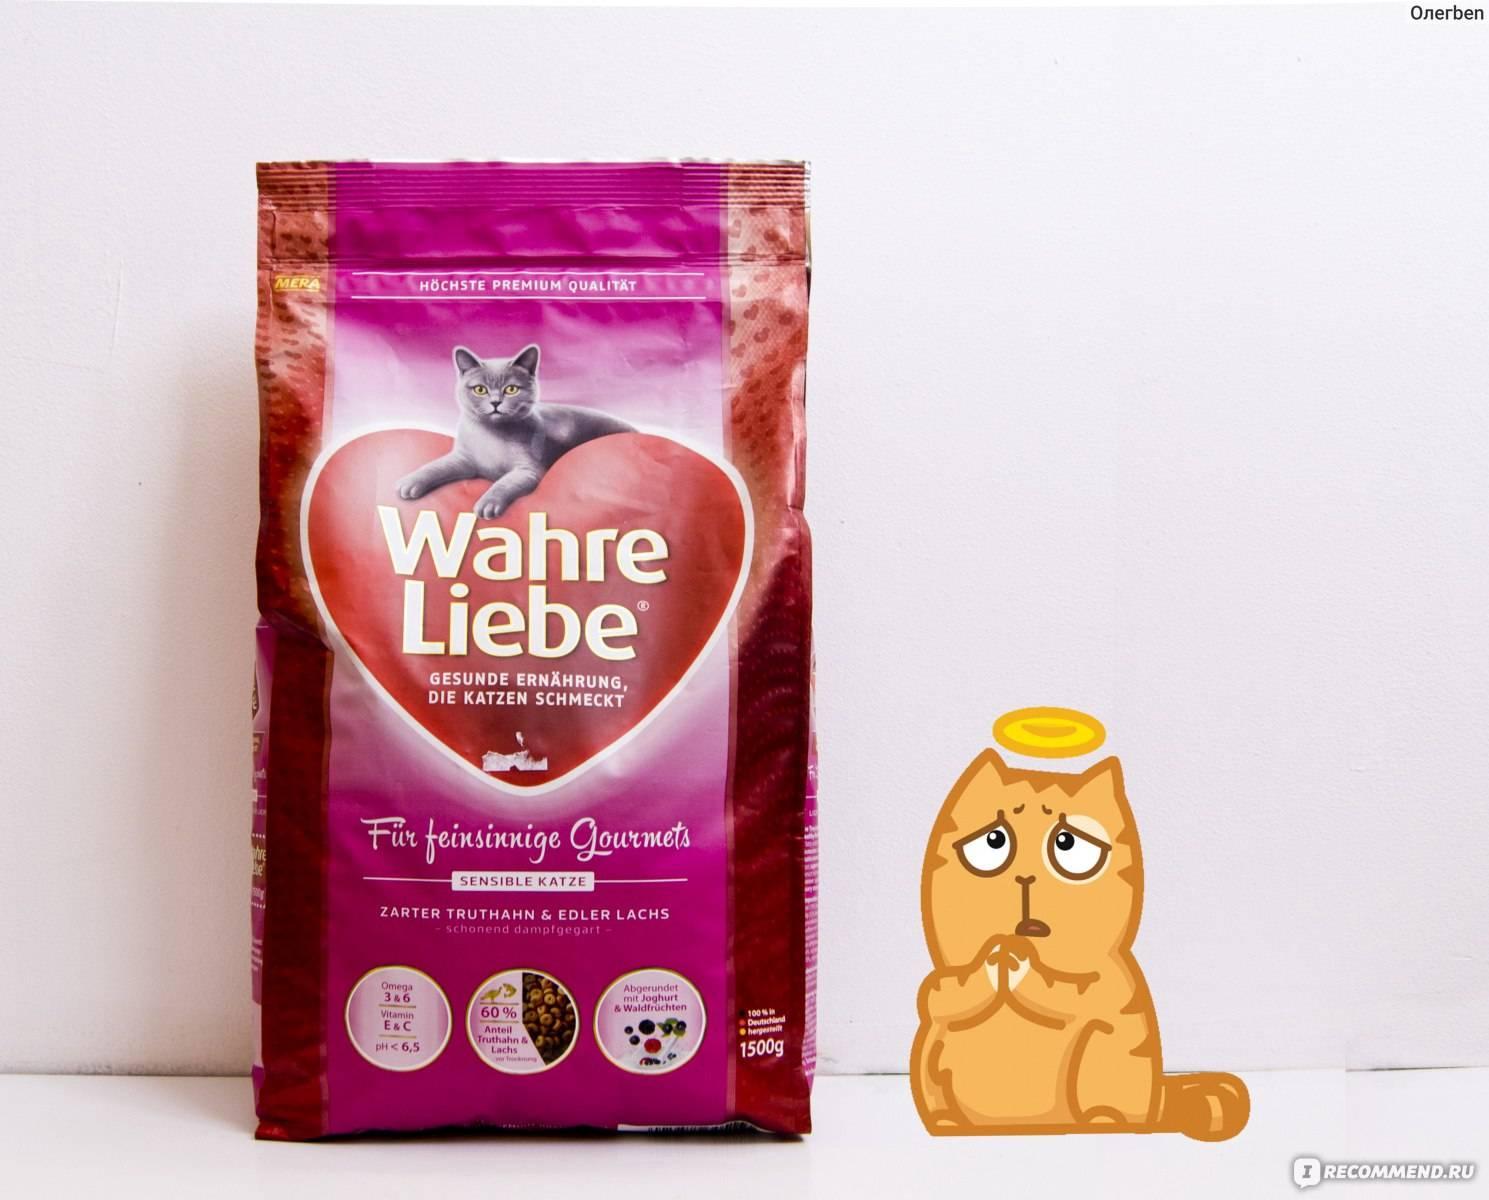 Сухой корм для кошек - рейтинг полезных, гипоаллергенных, премиум класса по производителям и ценам